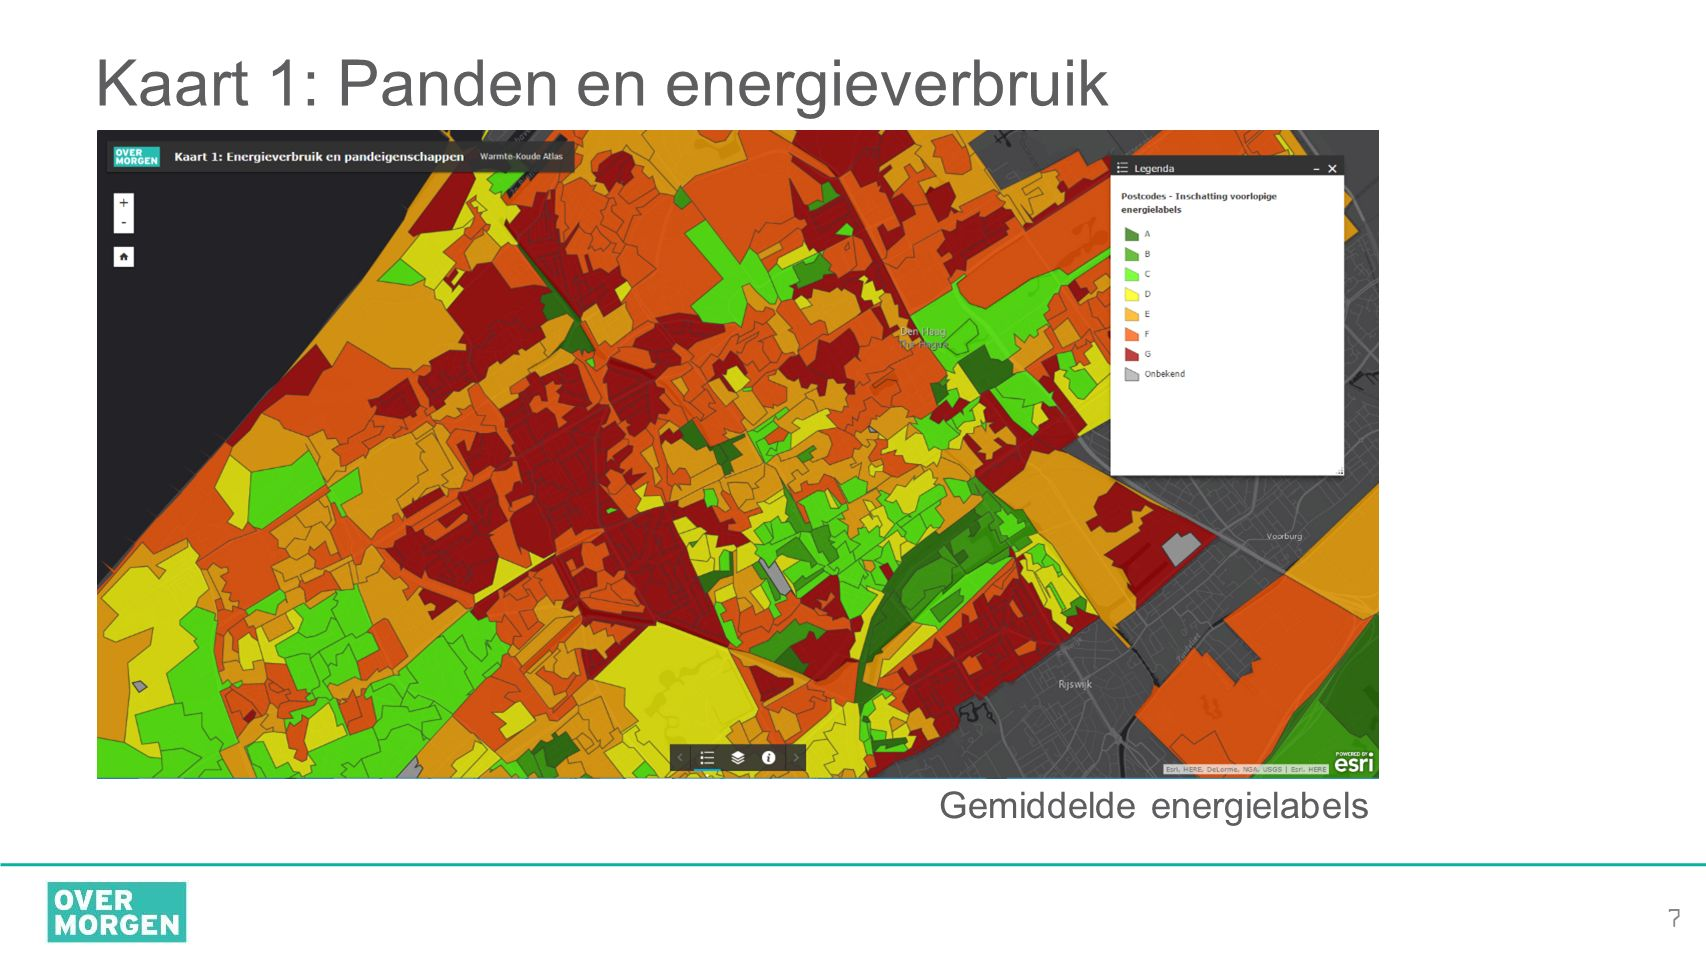 Kaart 1: Panden en energieverbruik